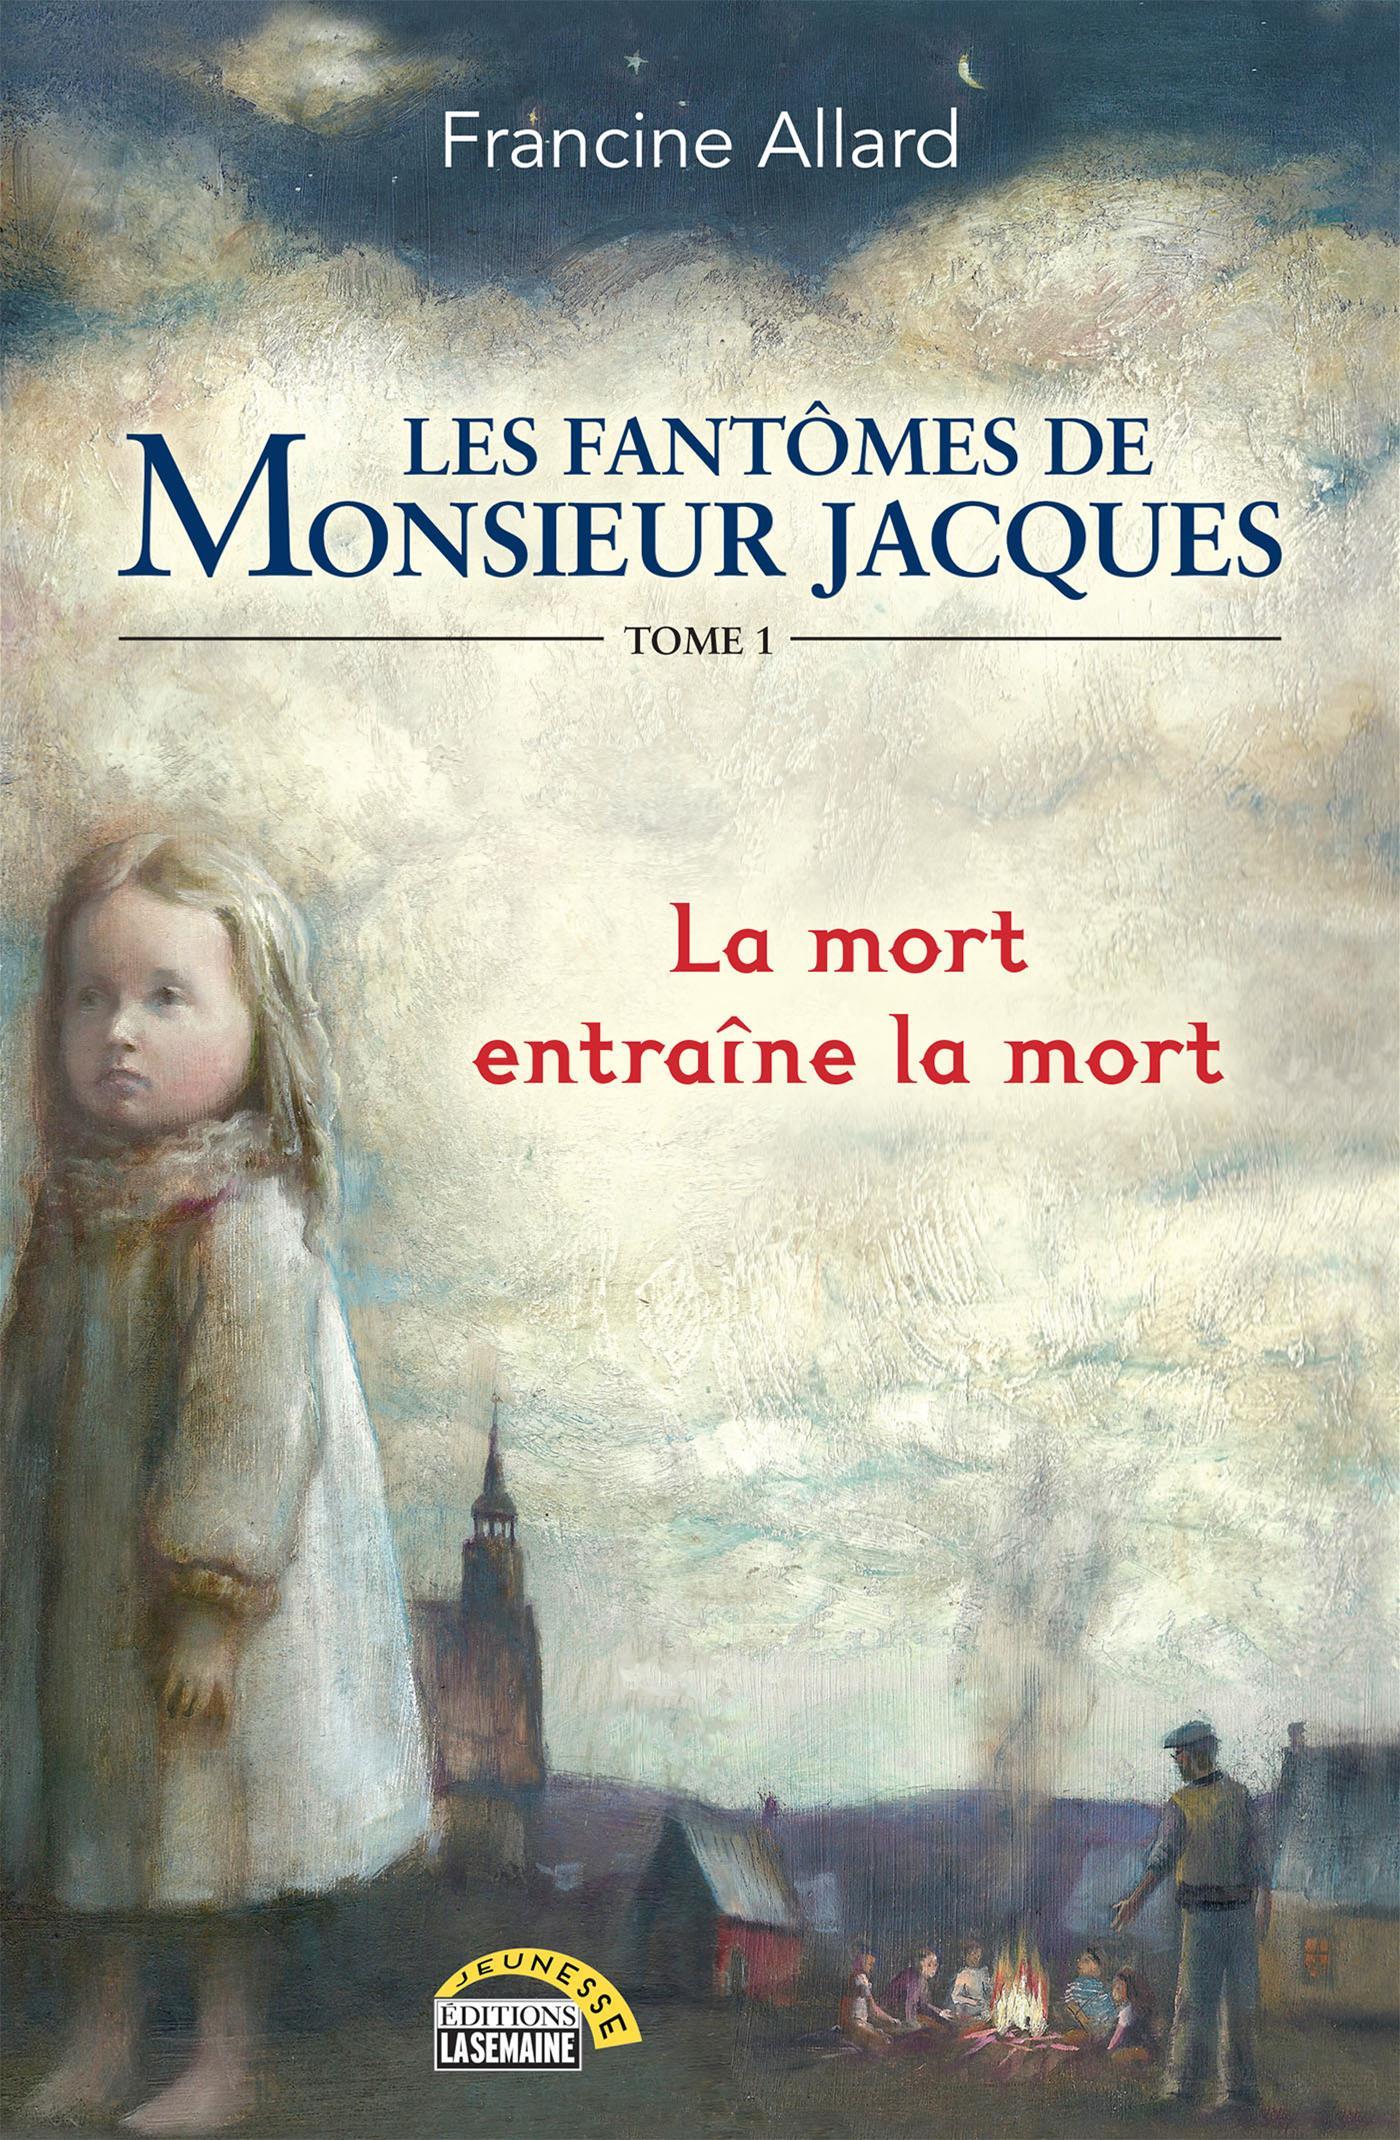 Les fantômes de monsieur Jacques - Tome 1